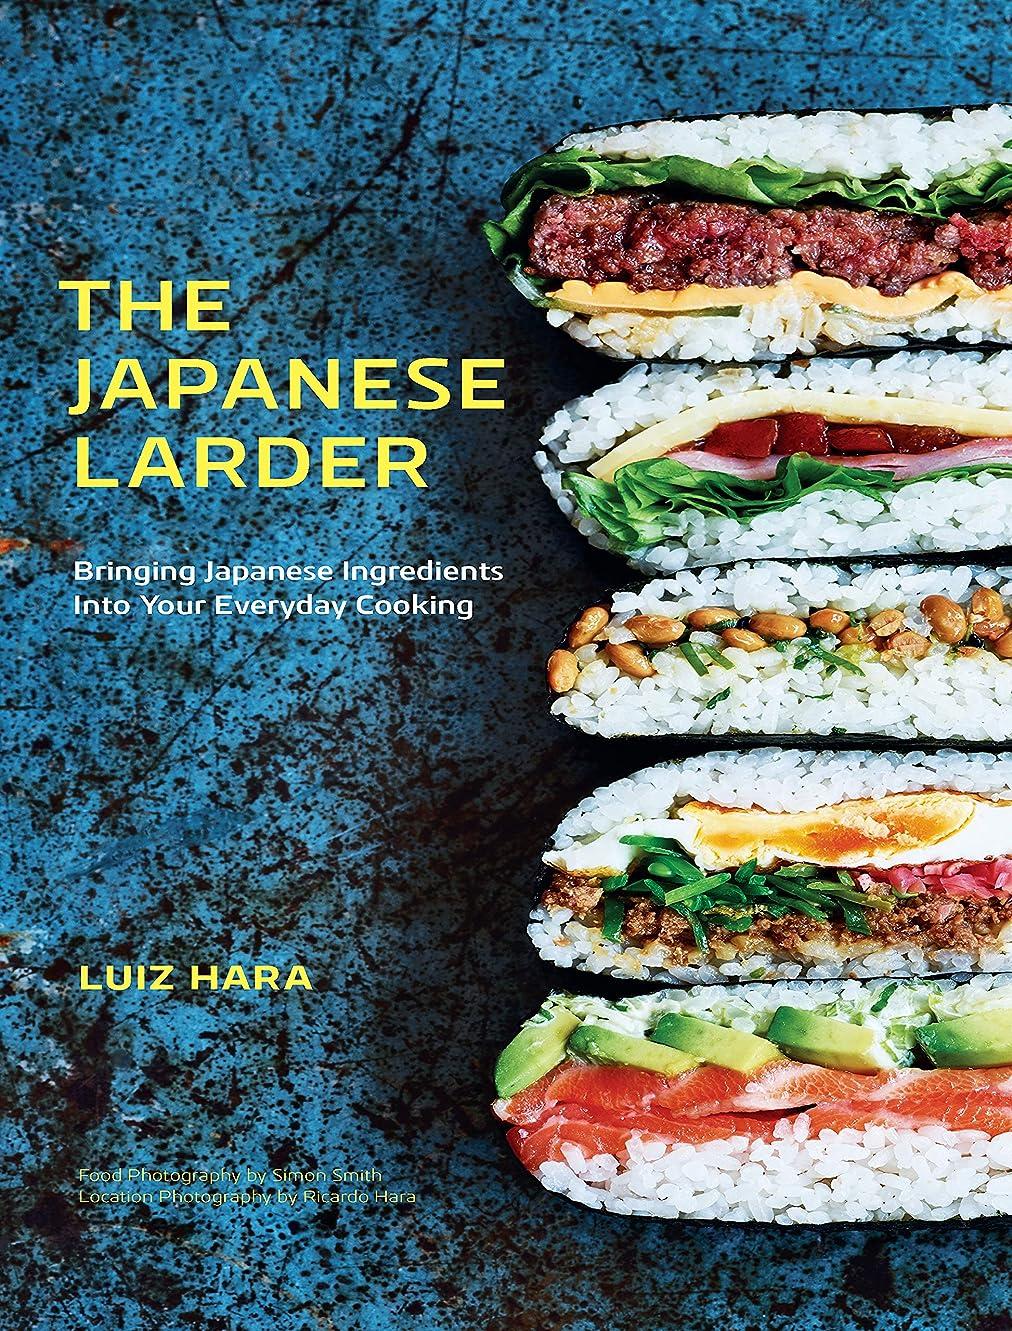 さておきディスコ深さThe Japanese Larder:Bringing Japanese Ingredients into Your Everyday Cooking (English Edition)